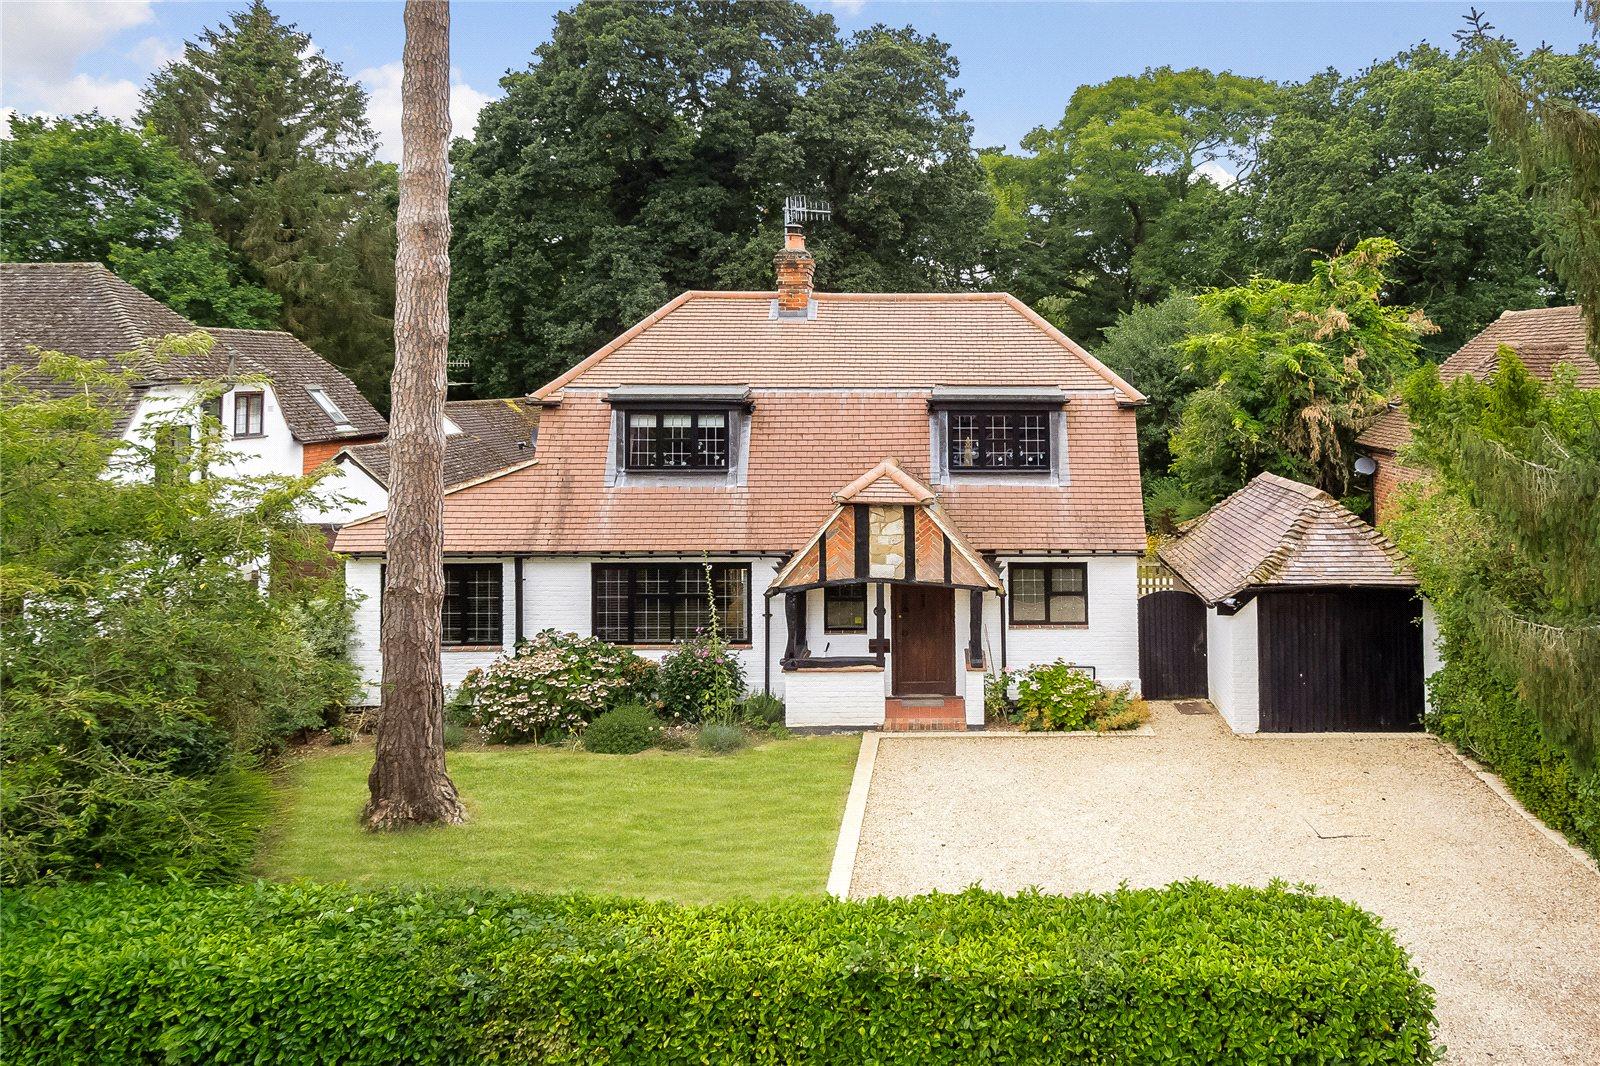 Casa para uma família para Venda às Linersh Wood, Bramley, Guildford, Surrey, GU5 Guildford, Inglaterra